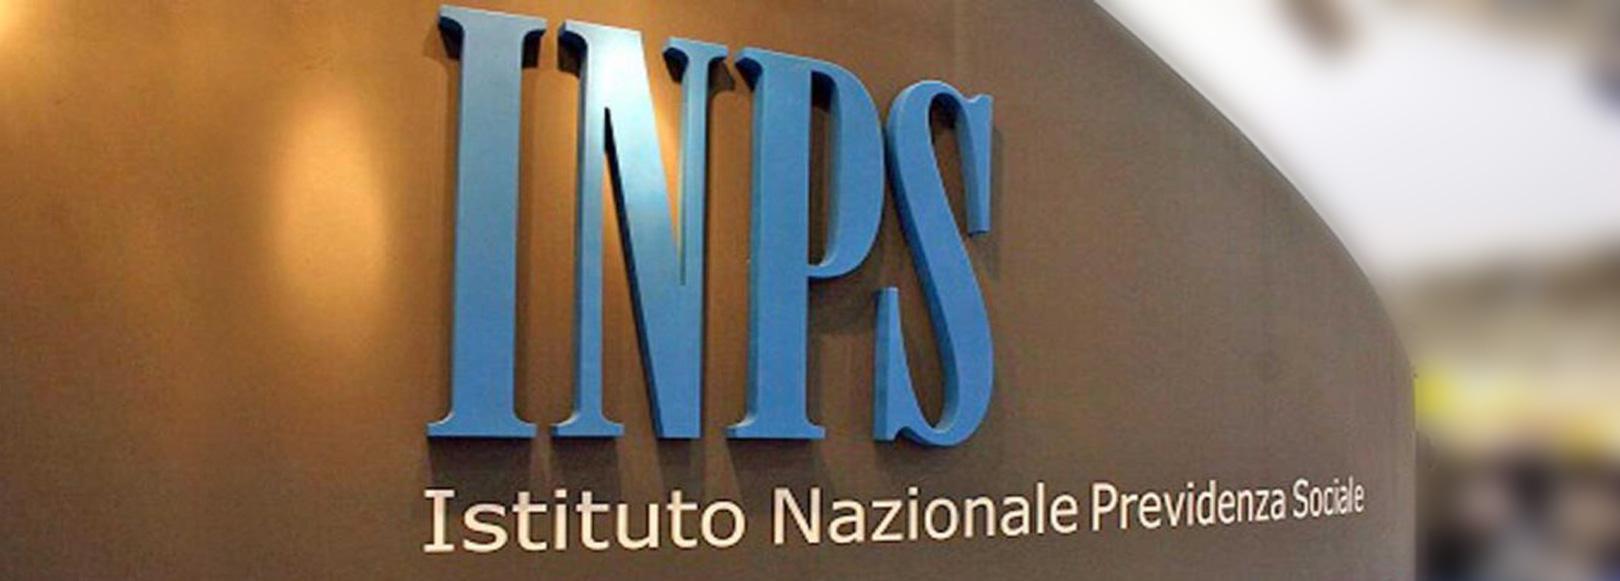 Una sede dell'Inps: nel 2021 non aumentano i contributi da versare per colf, badanti e babysitter